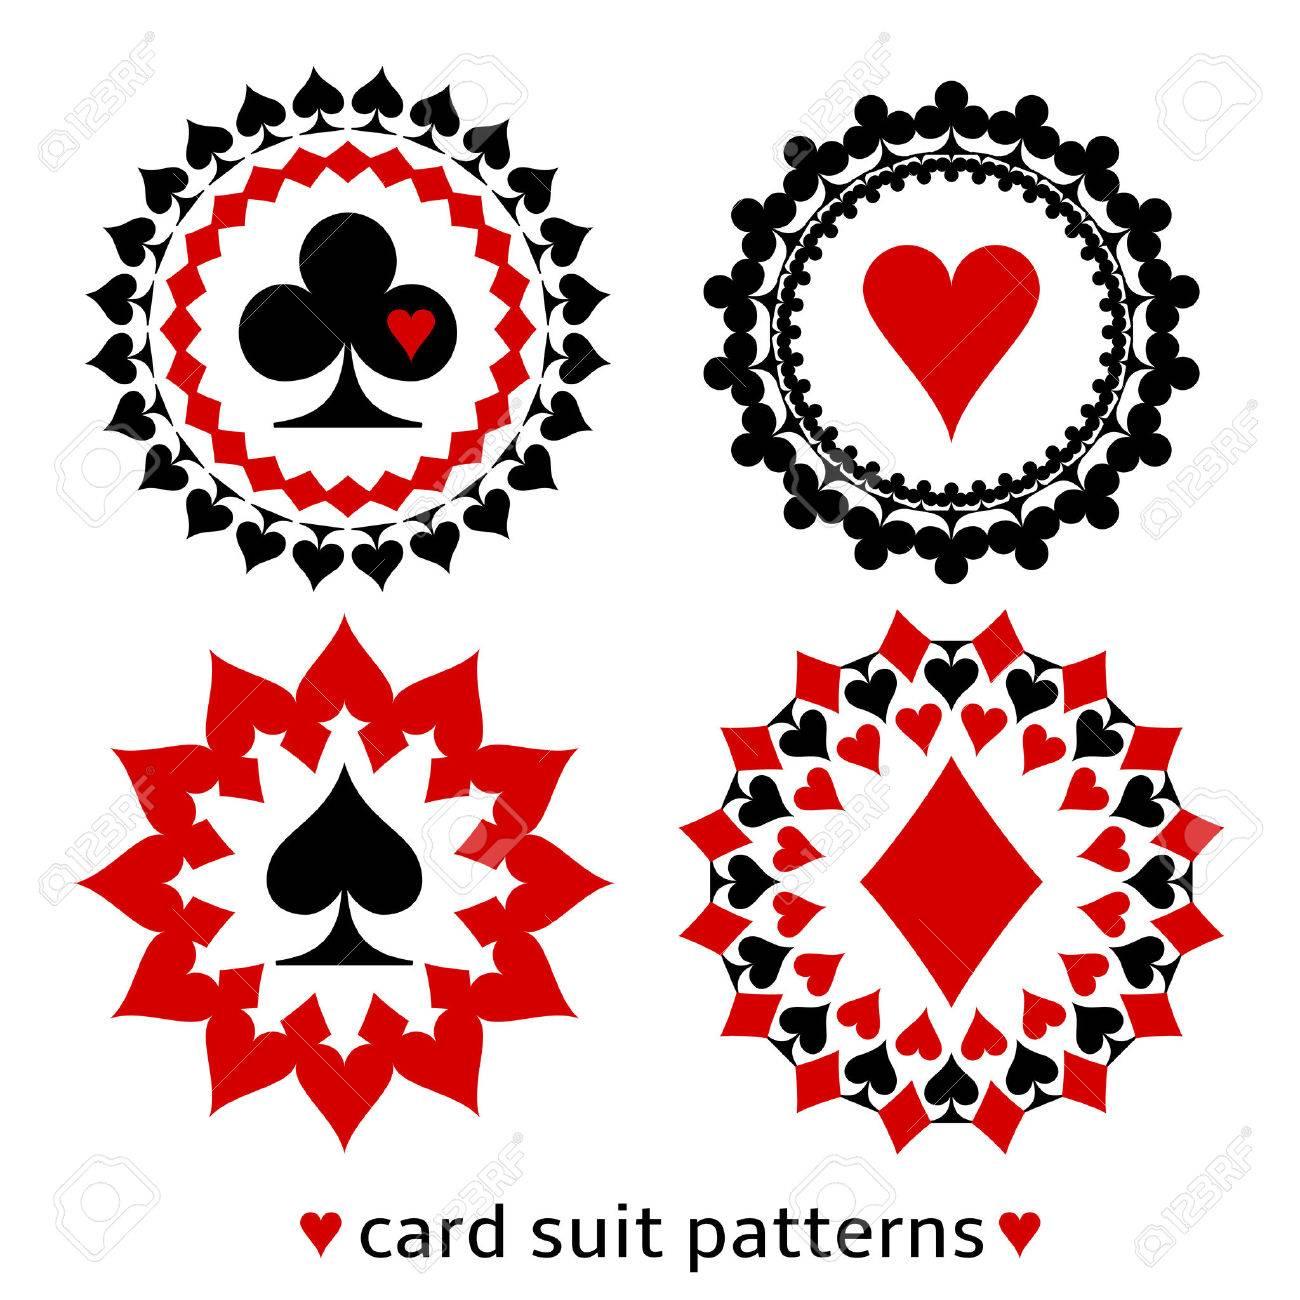 fancy spade card  Nice card suit round patterns. Fancy elements of spade, heart,..